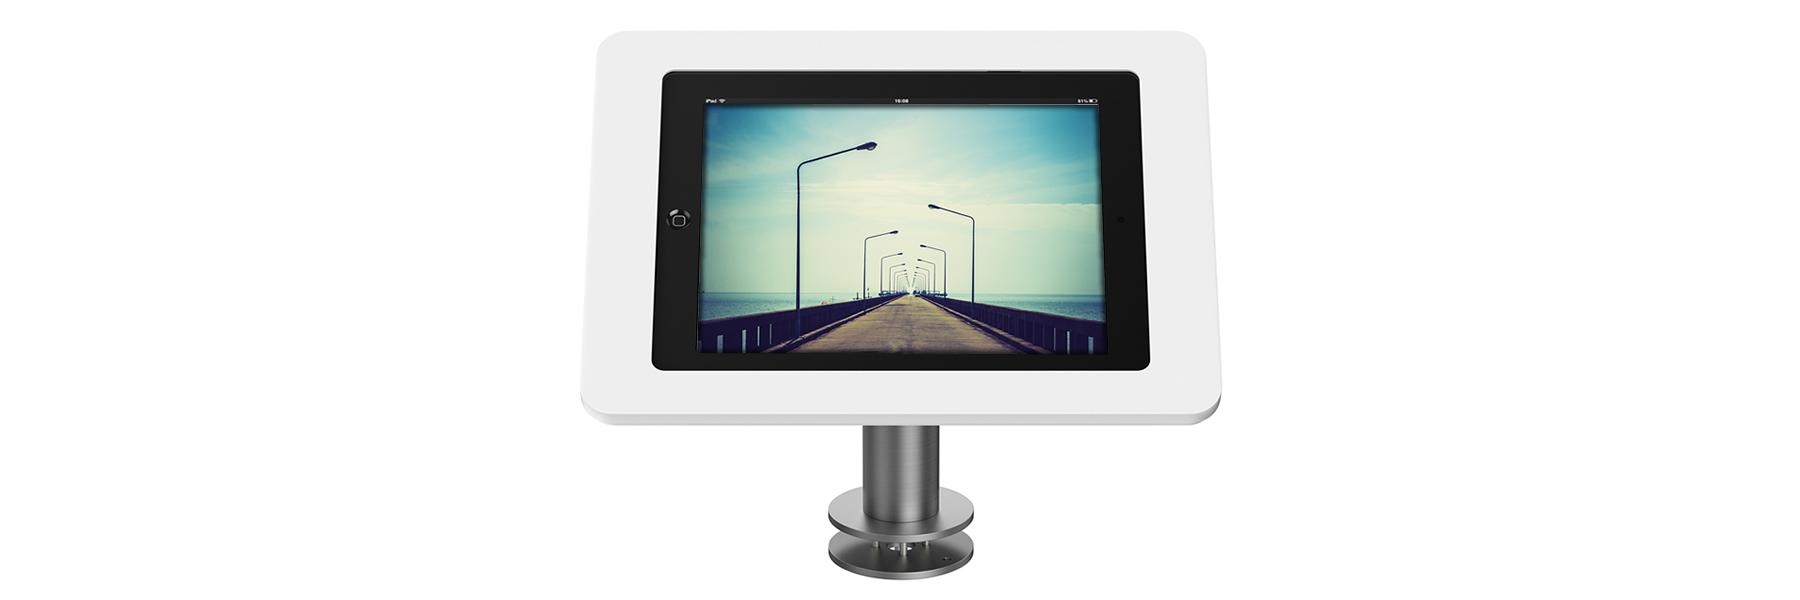 ipad-pro-houder-tafelstandaard-insert-3